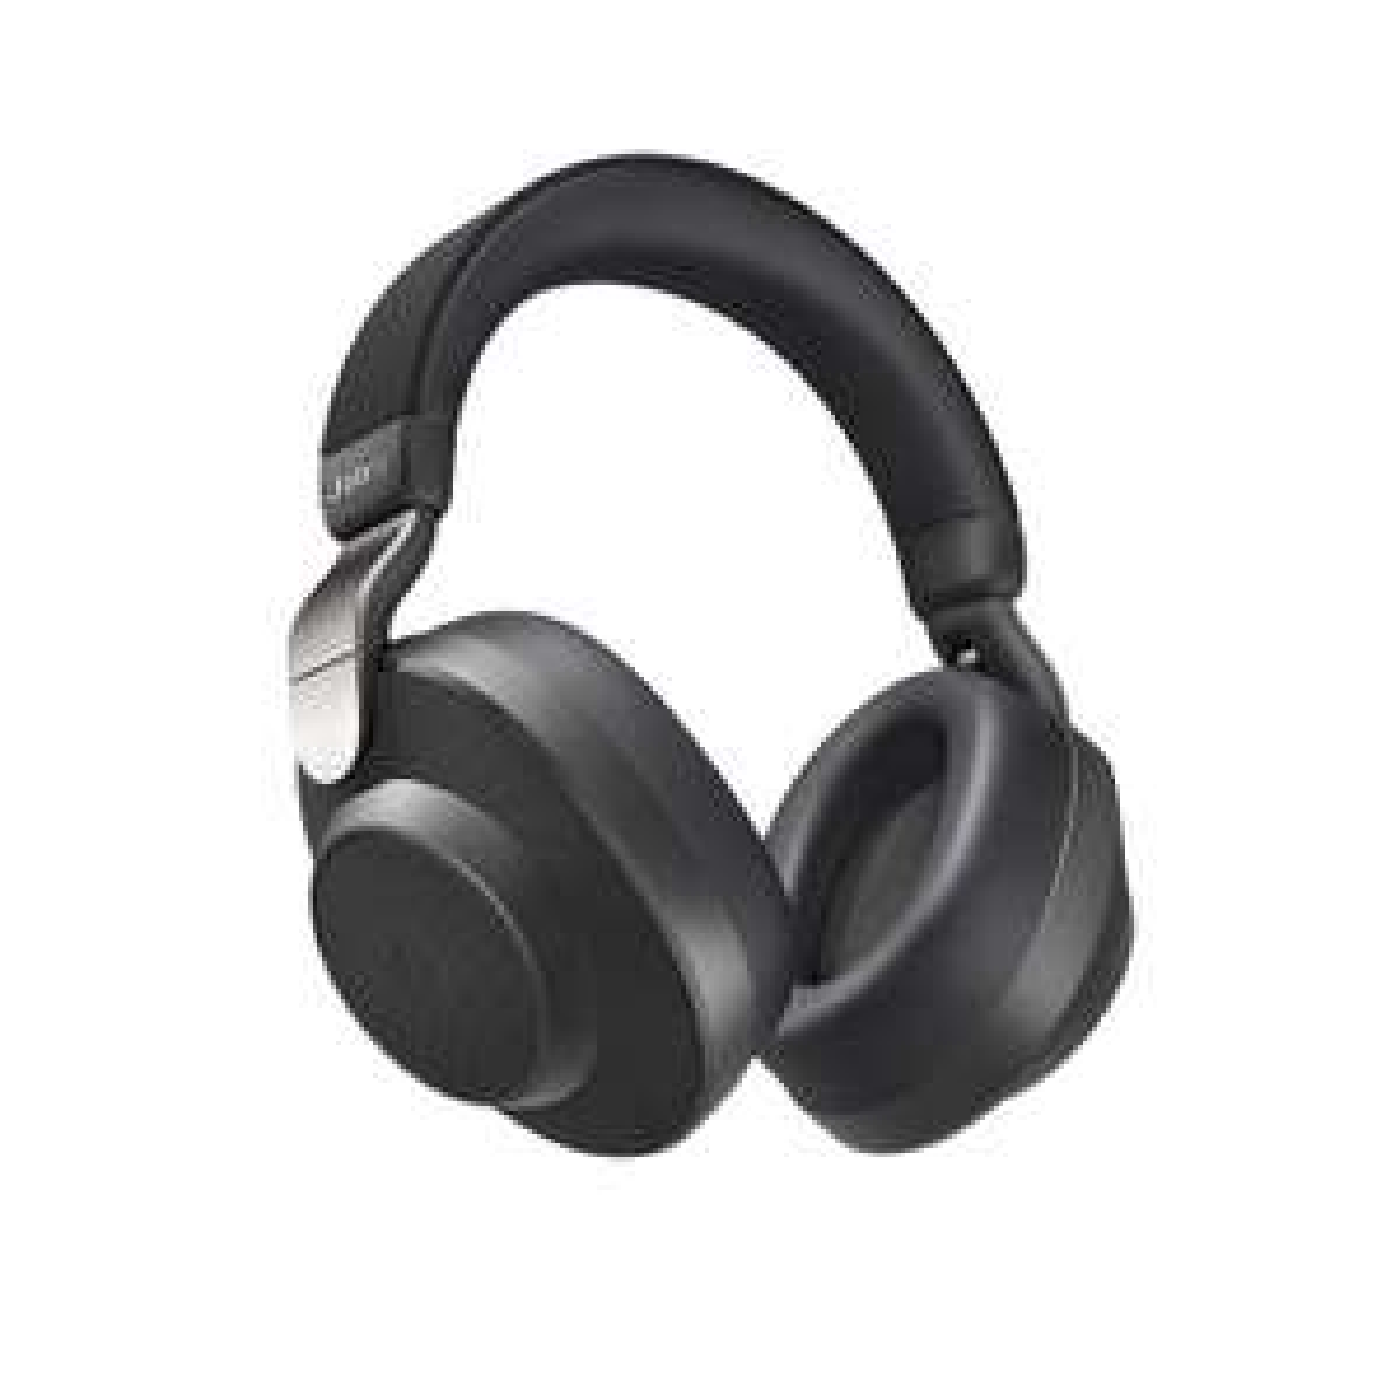 Jabra Elite 85h Wireless Headphones £174 at Amazon Italy